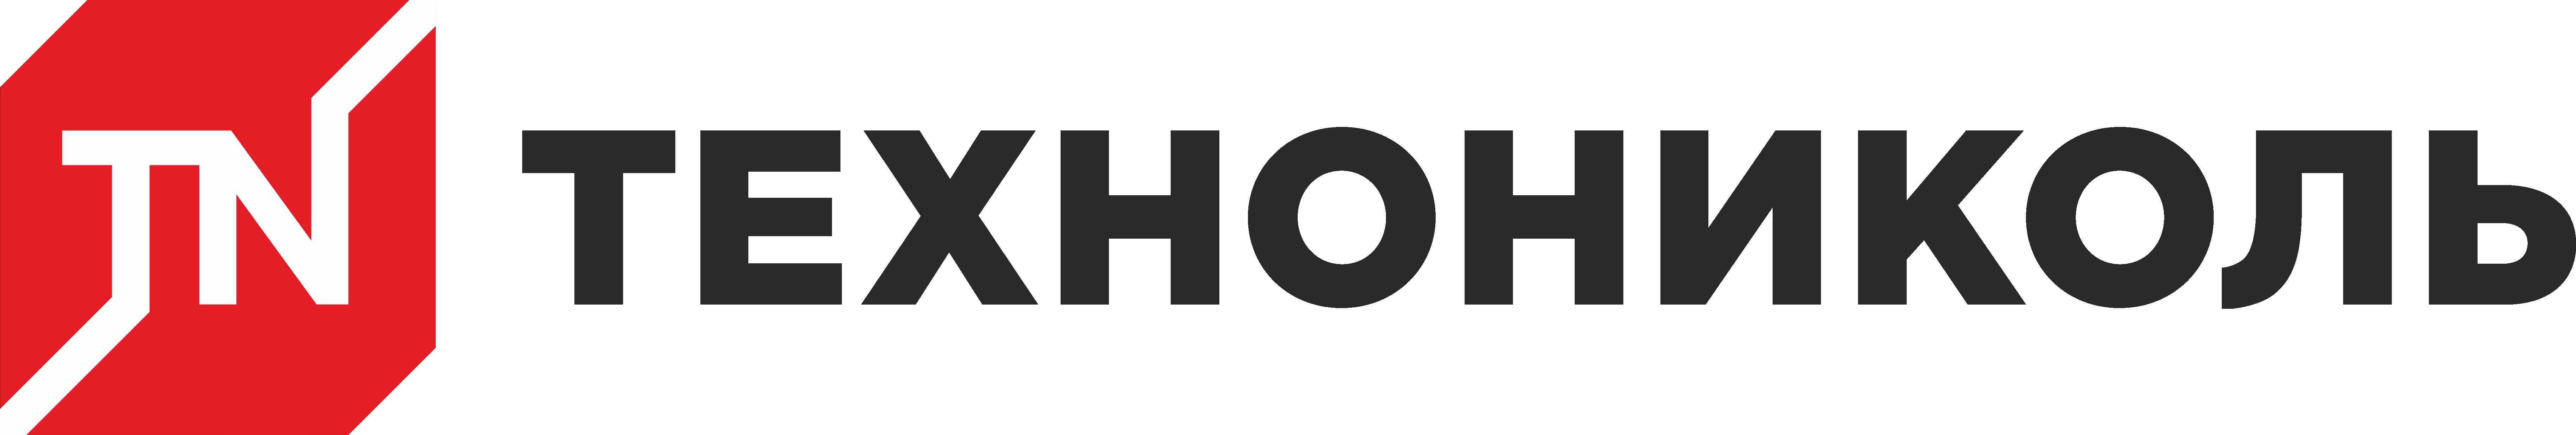 технониколь лого